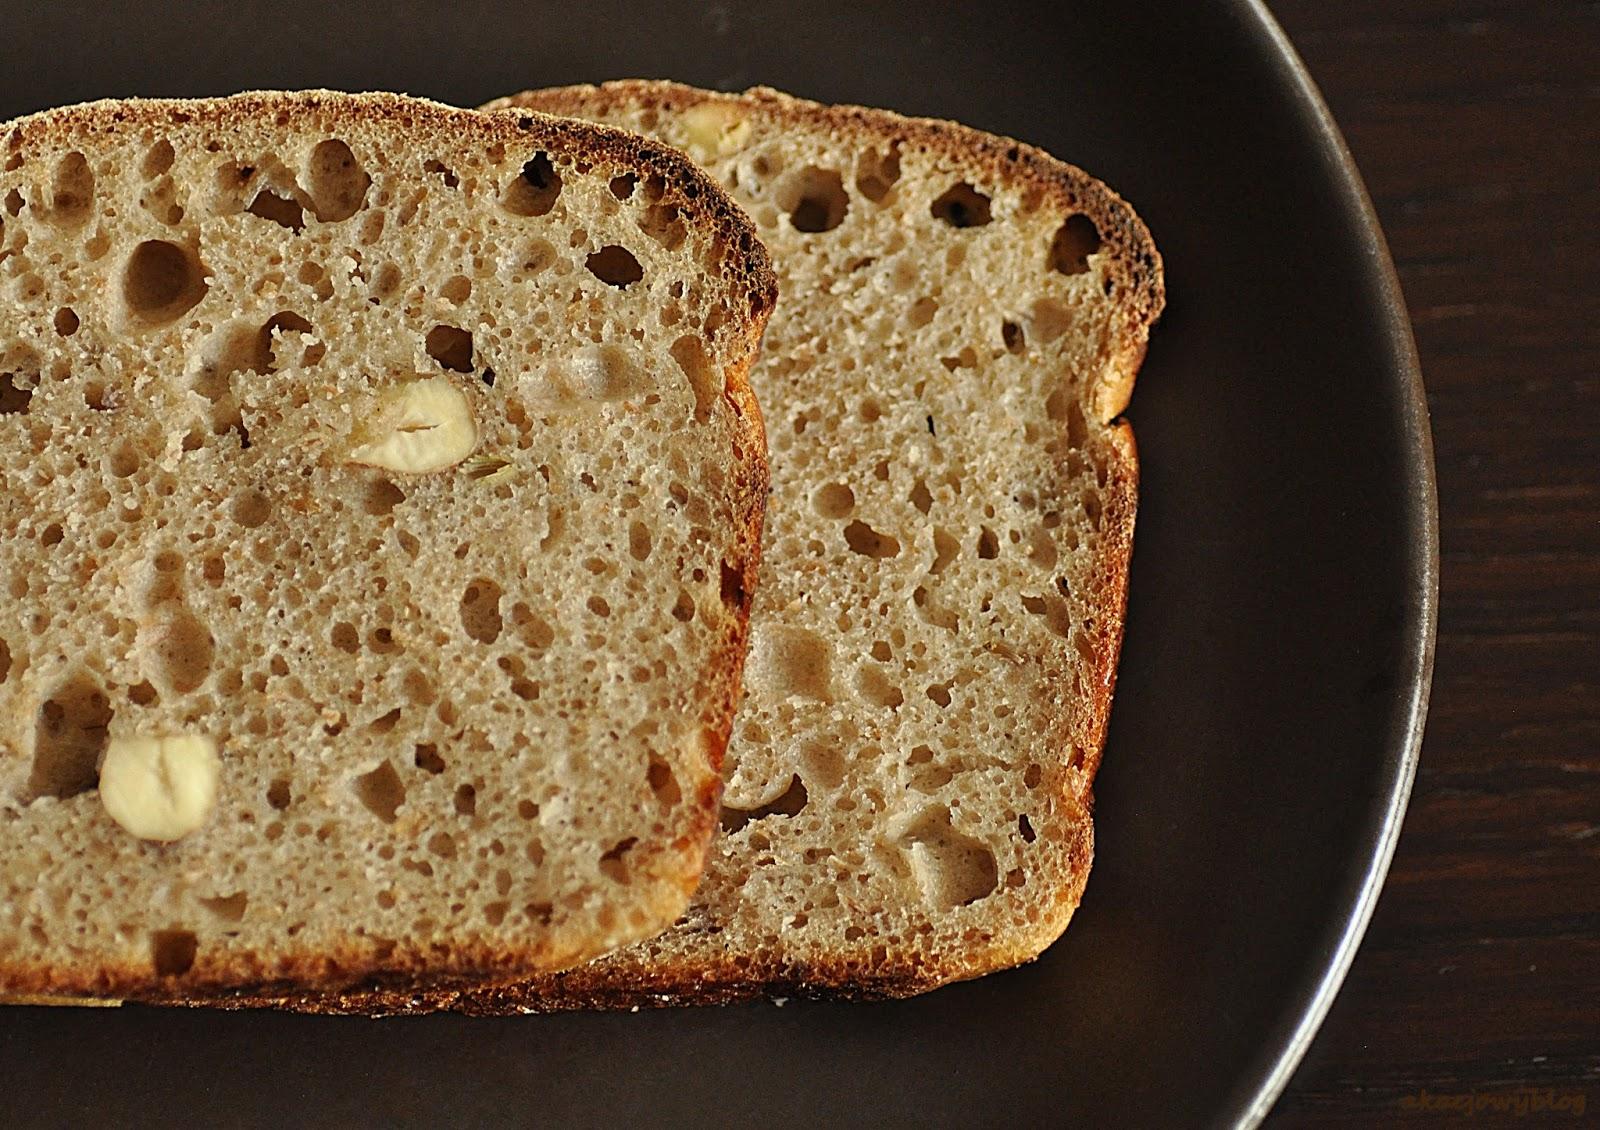 Chleb z lawendą, miodem i orzechami laskowymi - świętujemy Światowy Dzień Chleba.